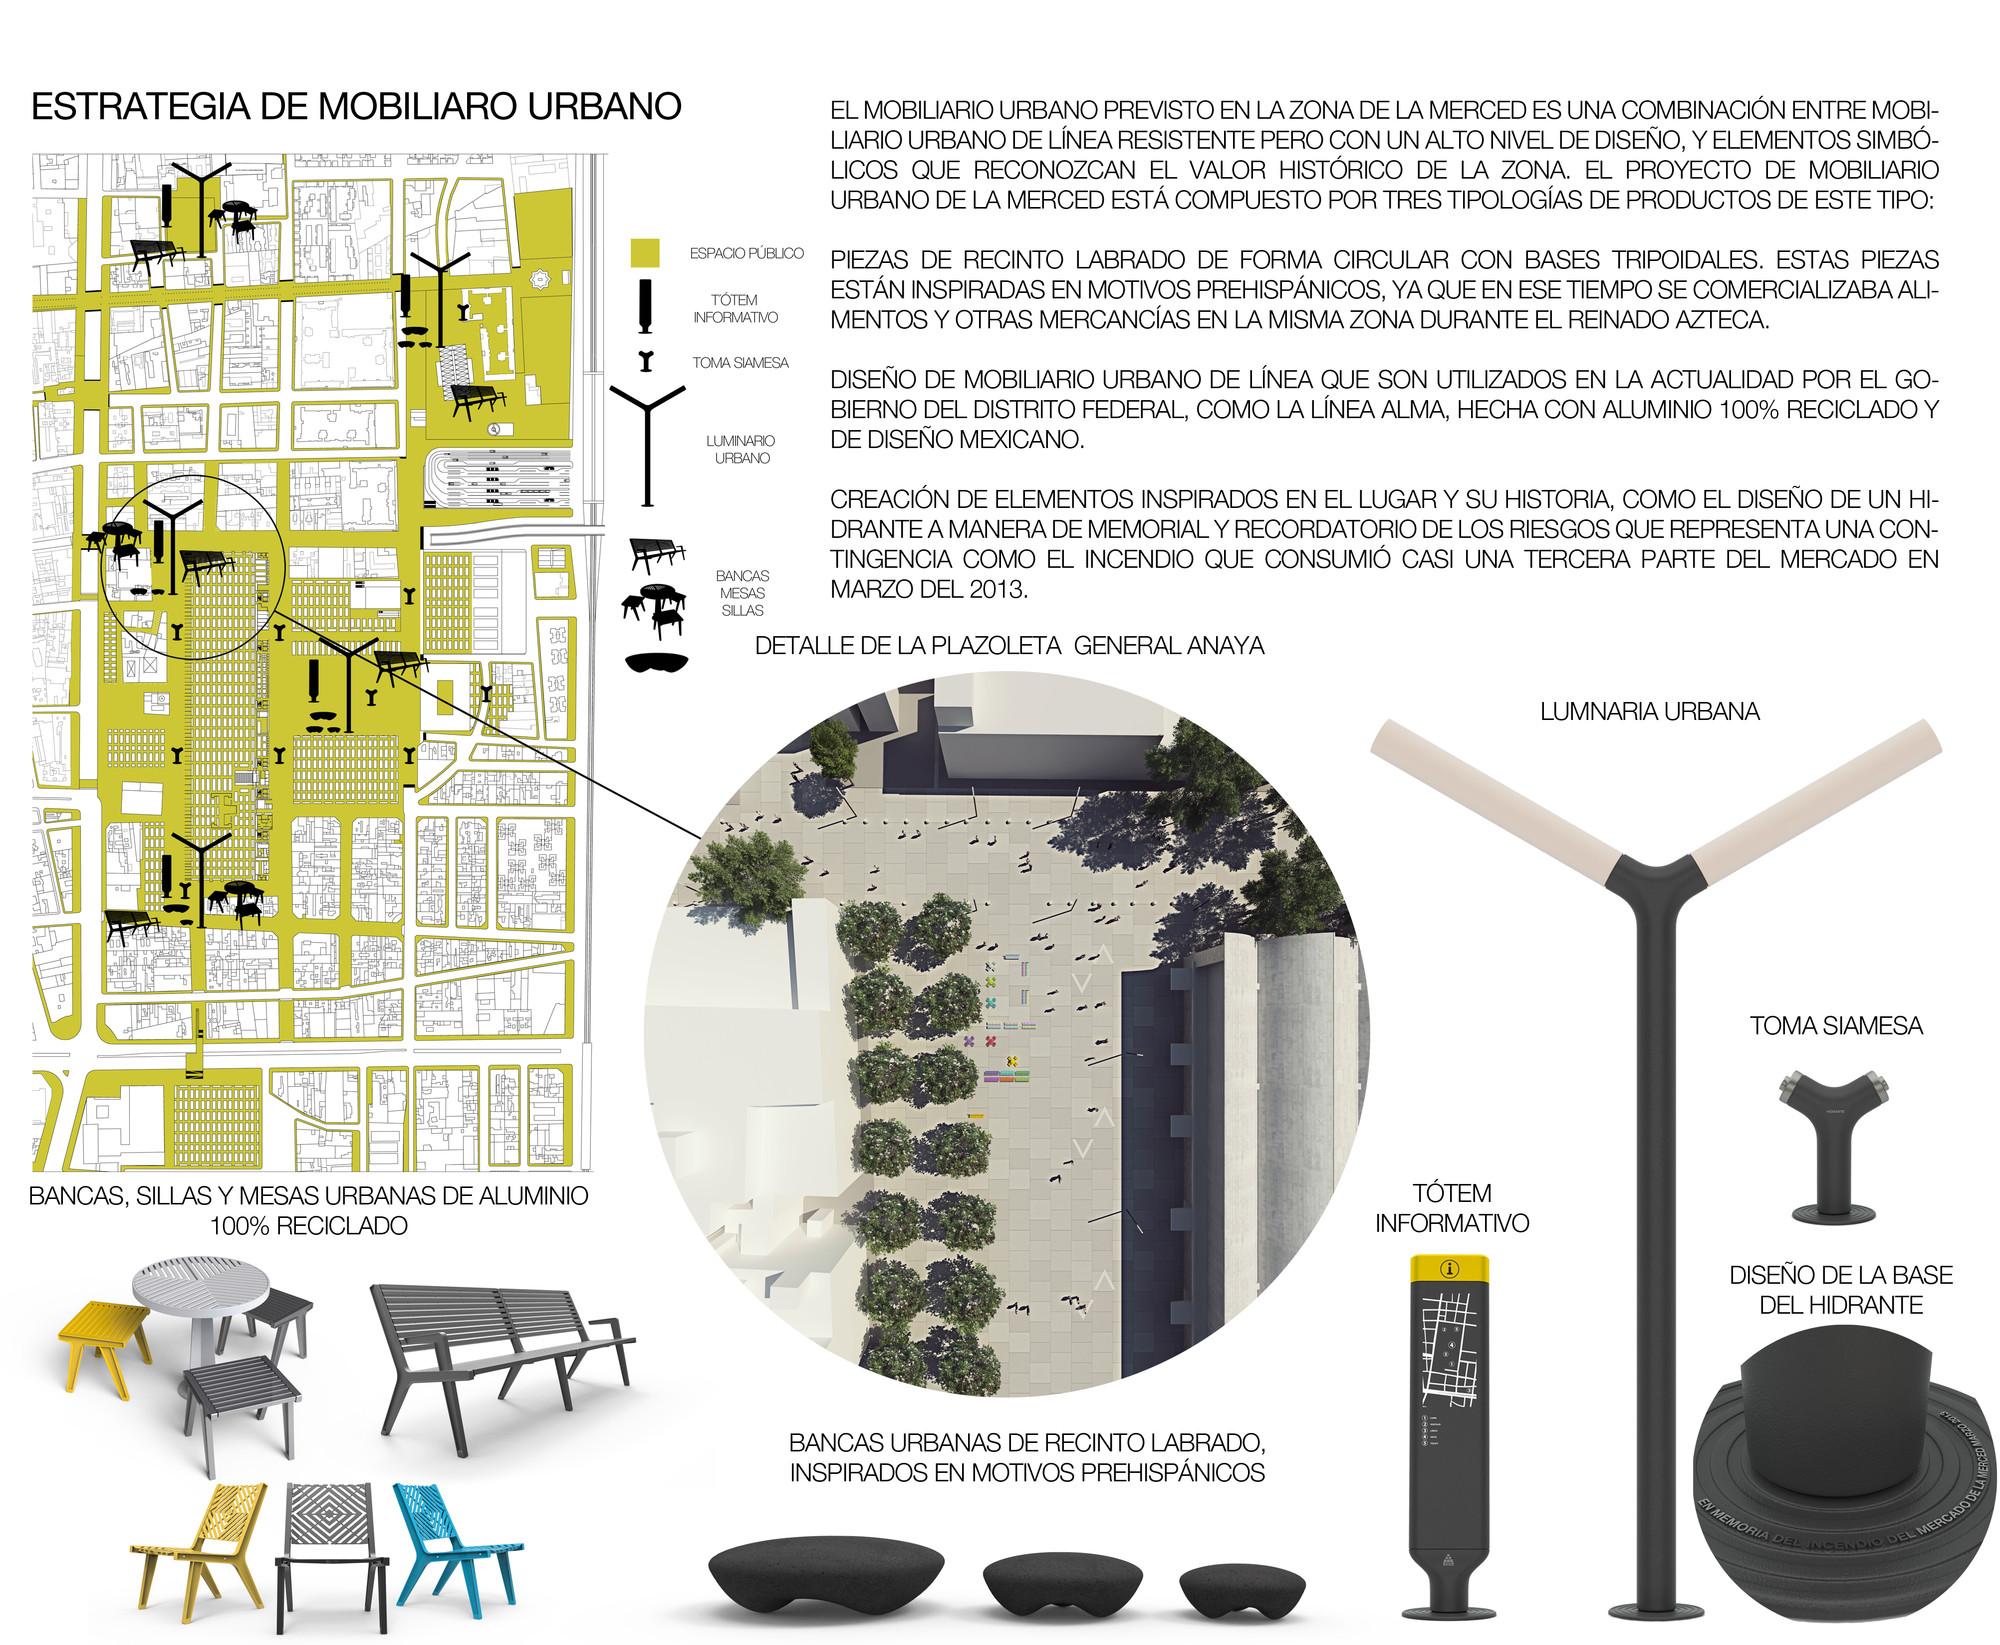 Estrategia de mobiliario urbano. Image Courtesy of José Muñoz Villers y Carlos Marín